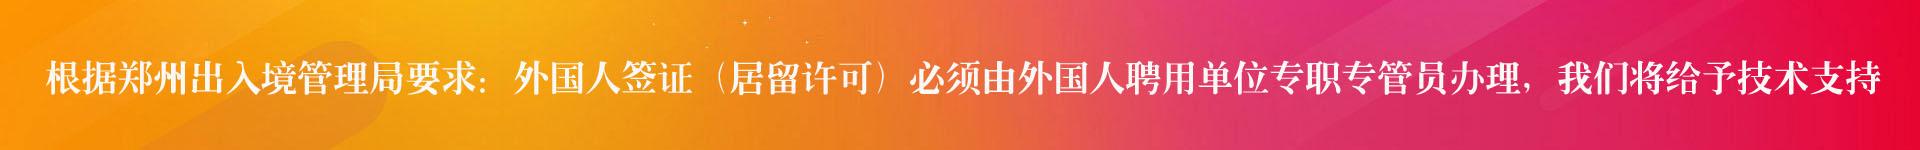 郑州外国人工作签证代办提醒